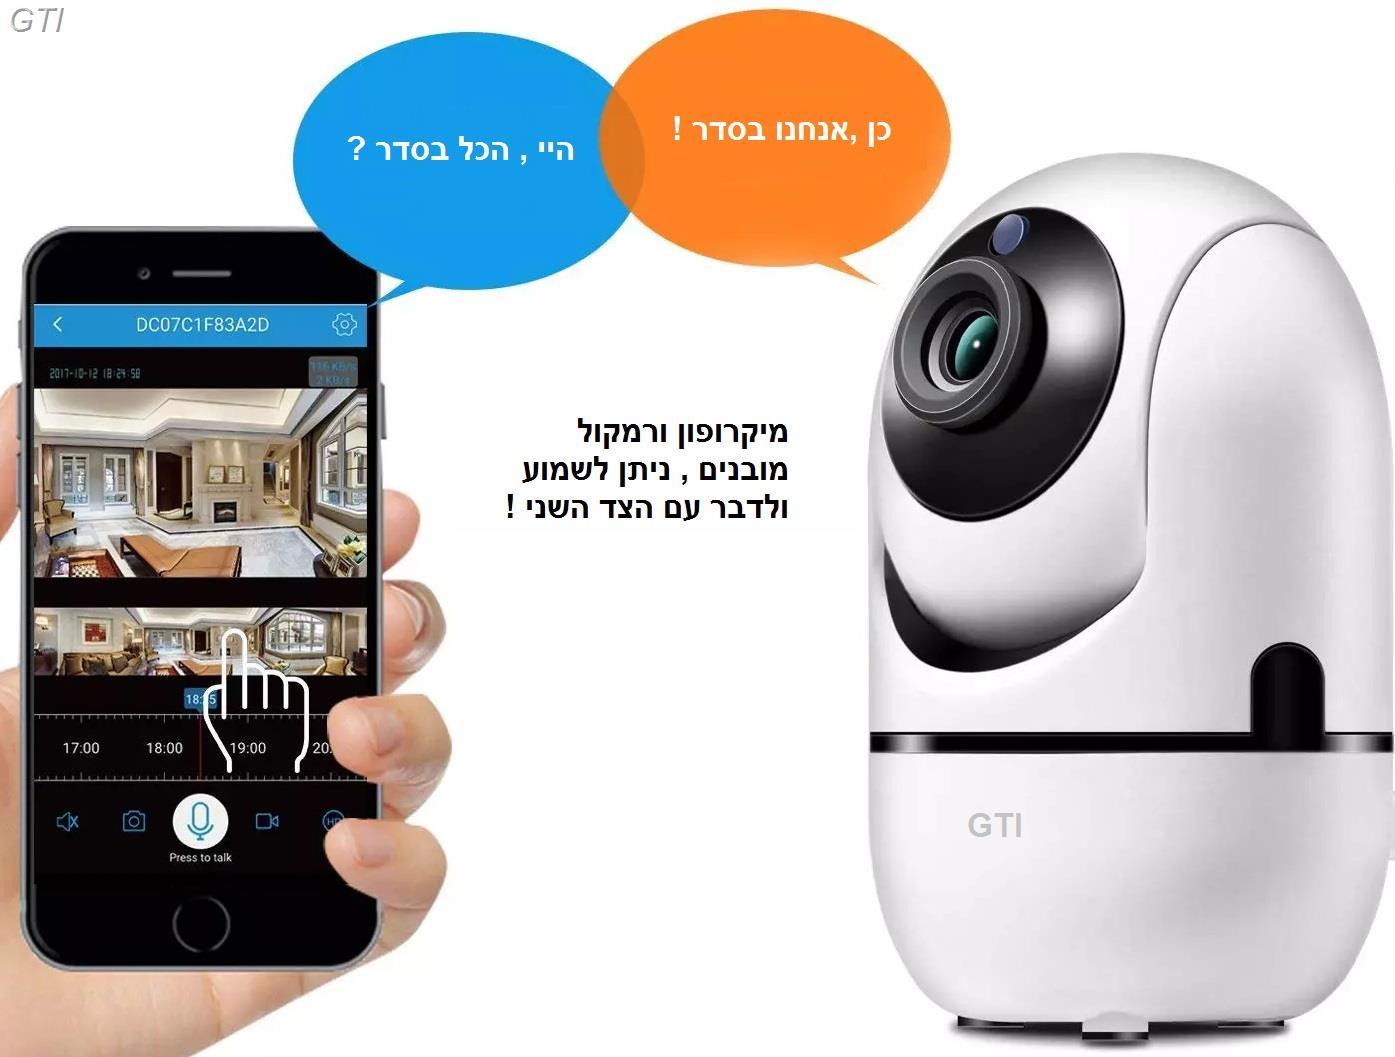 מצלמת אבטחה IP אלחוטית 360 מעלות וחכמה HD עם אפשרות הקלטה על כרטיס זיכרון